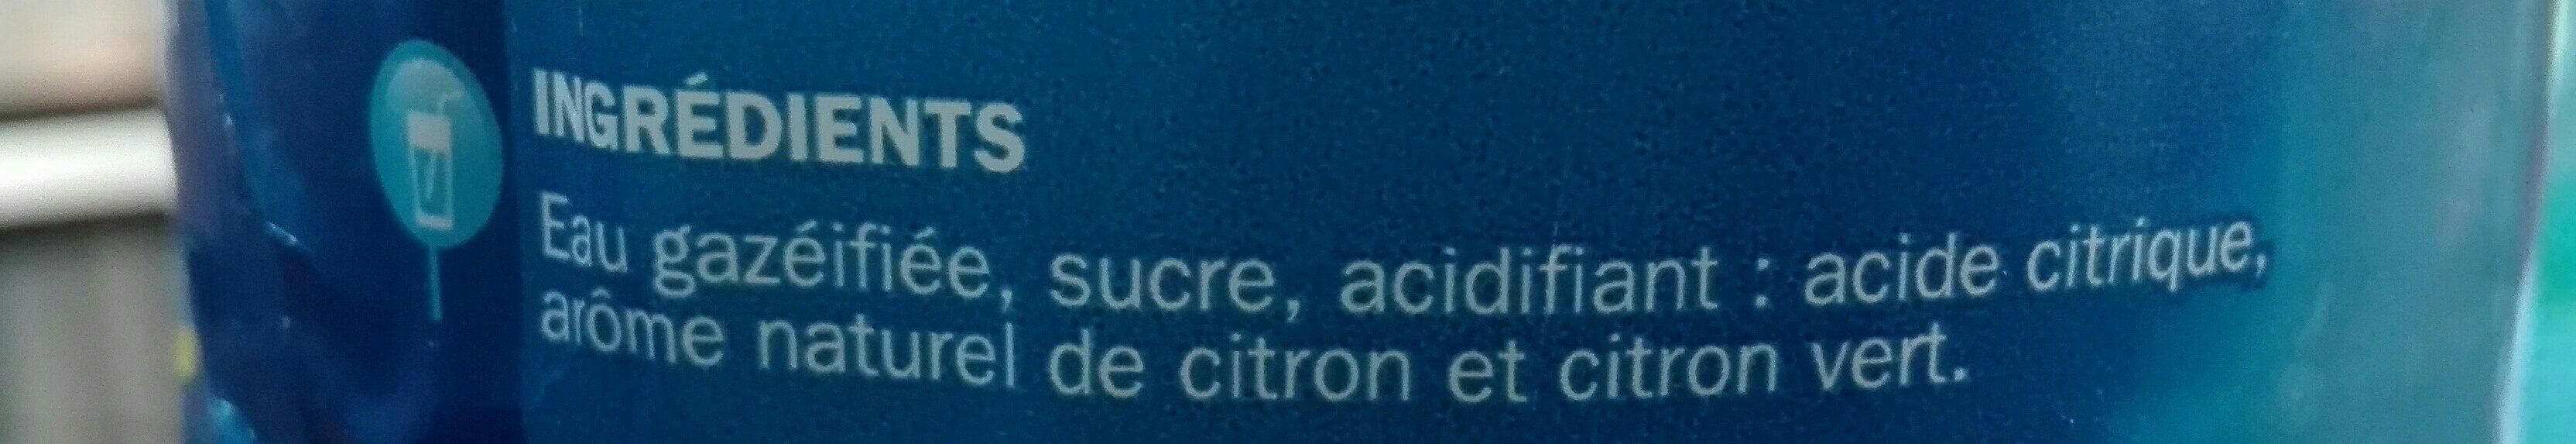 Limonade - Ingrediënten